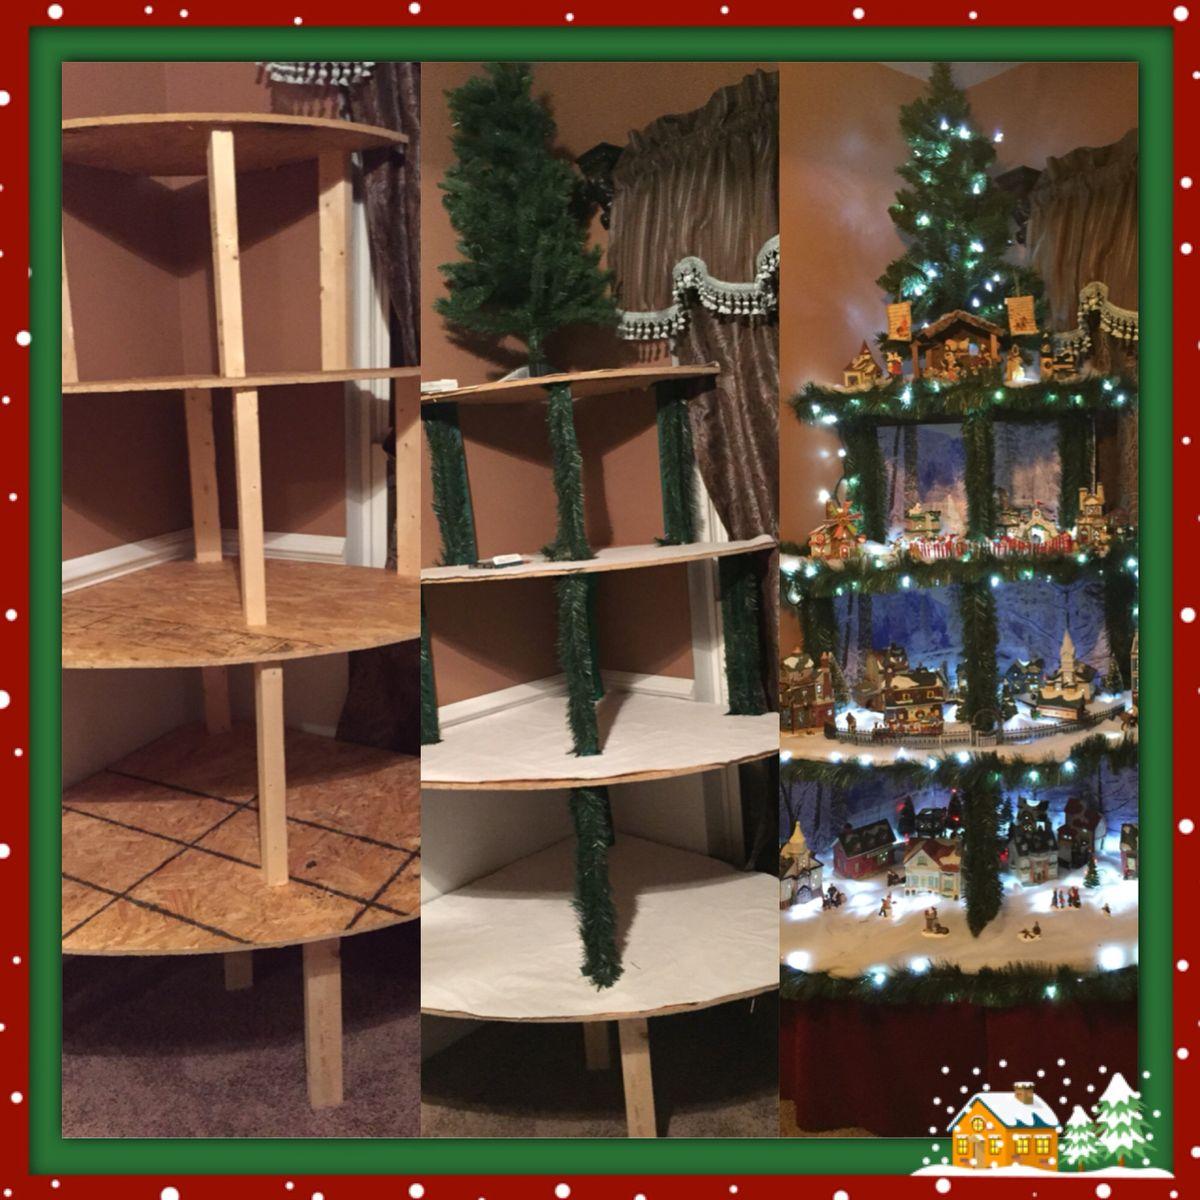 Christmas Village Displays on Pinterest   Christmas Village Display, Department 56 and Christmas ...